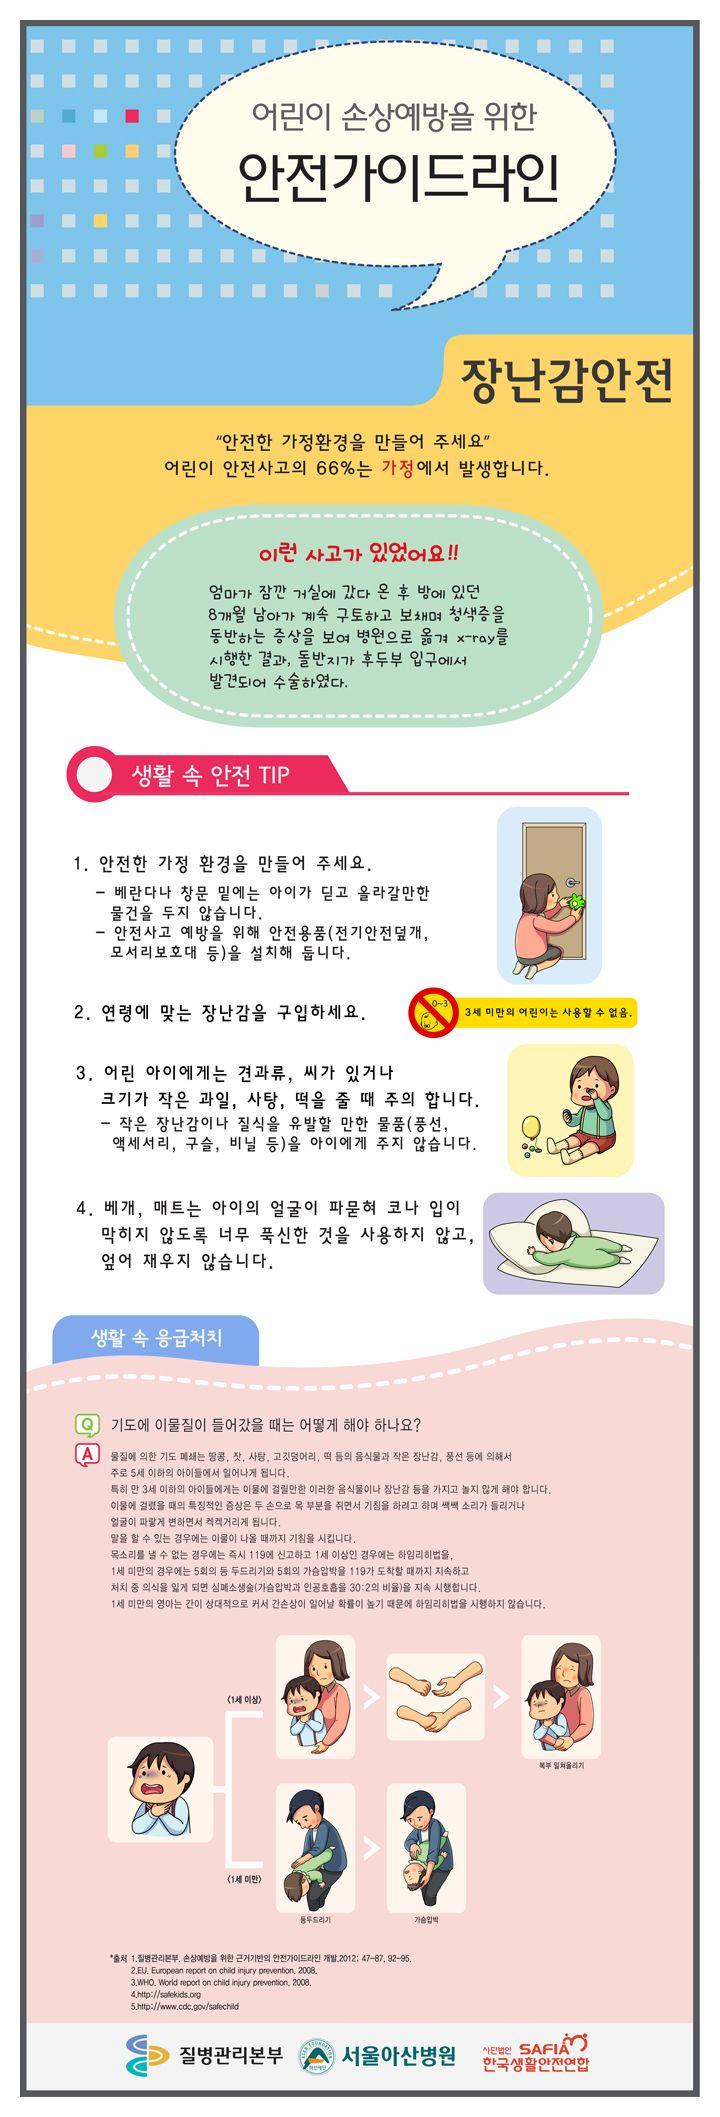 손상예방을 위한 어린이 안전가이드라인_장난감안전(웹진)